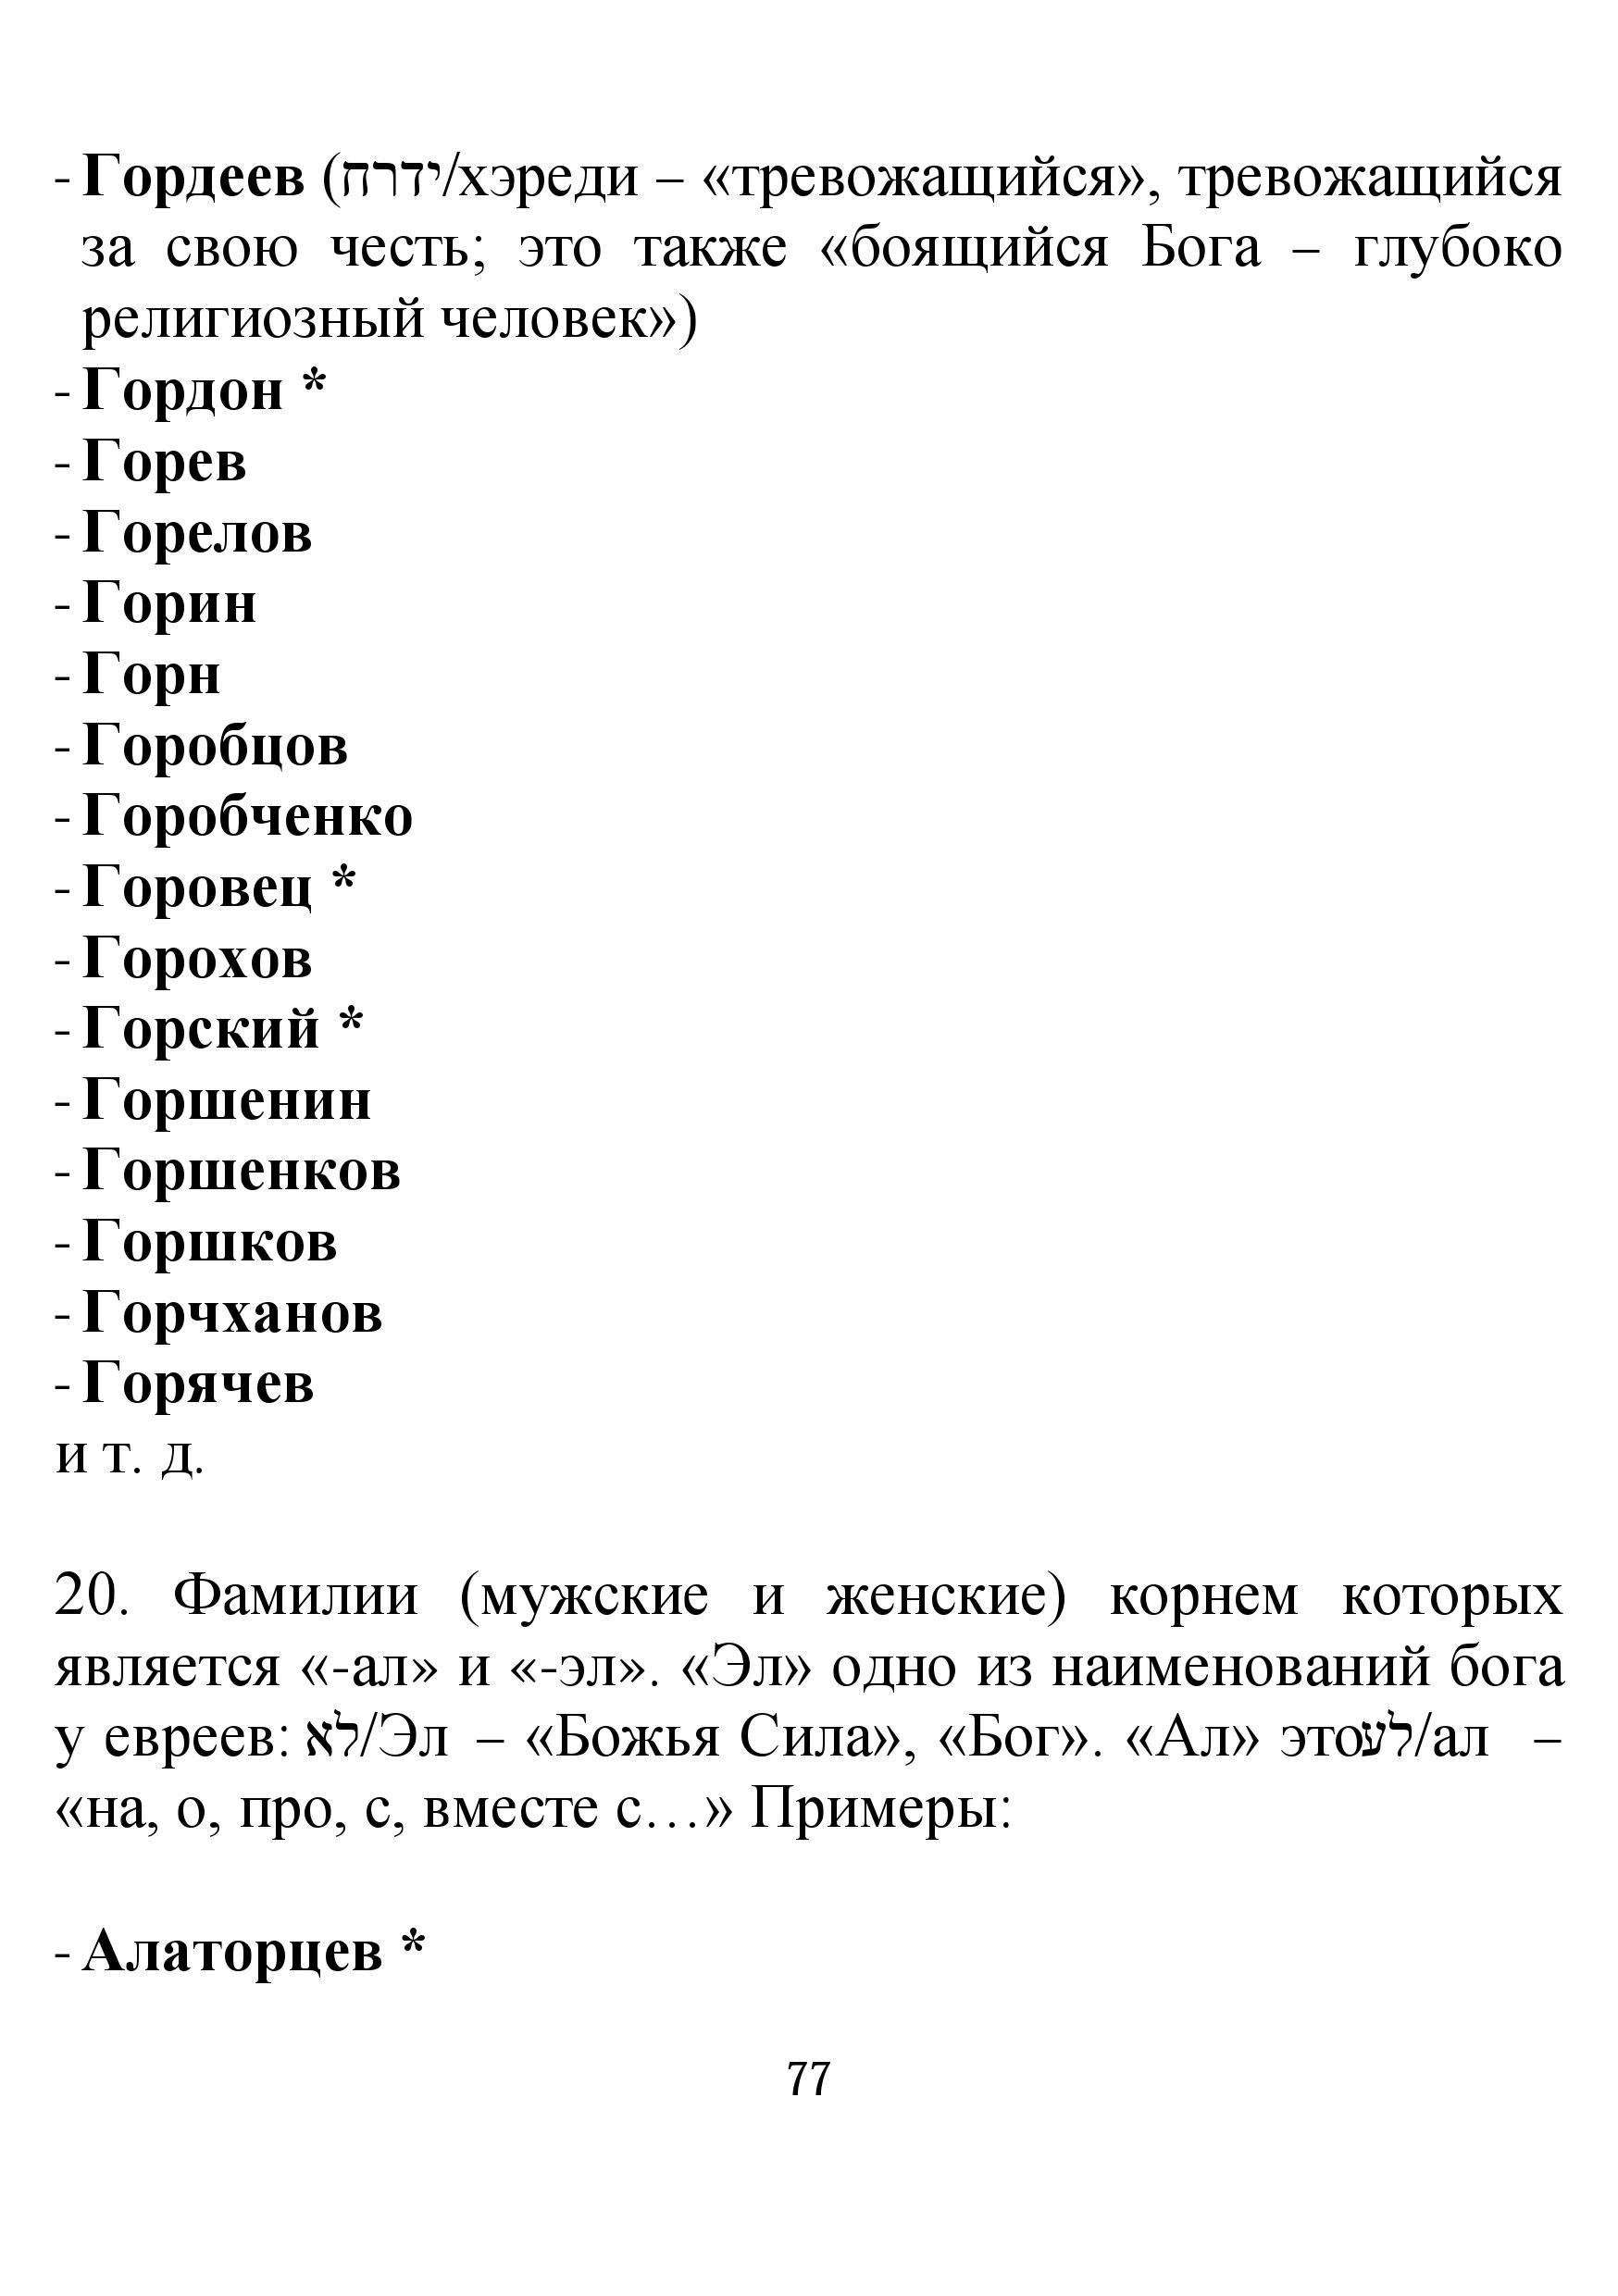 http://sg.uploads.ru/PZ6Tp.jpg